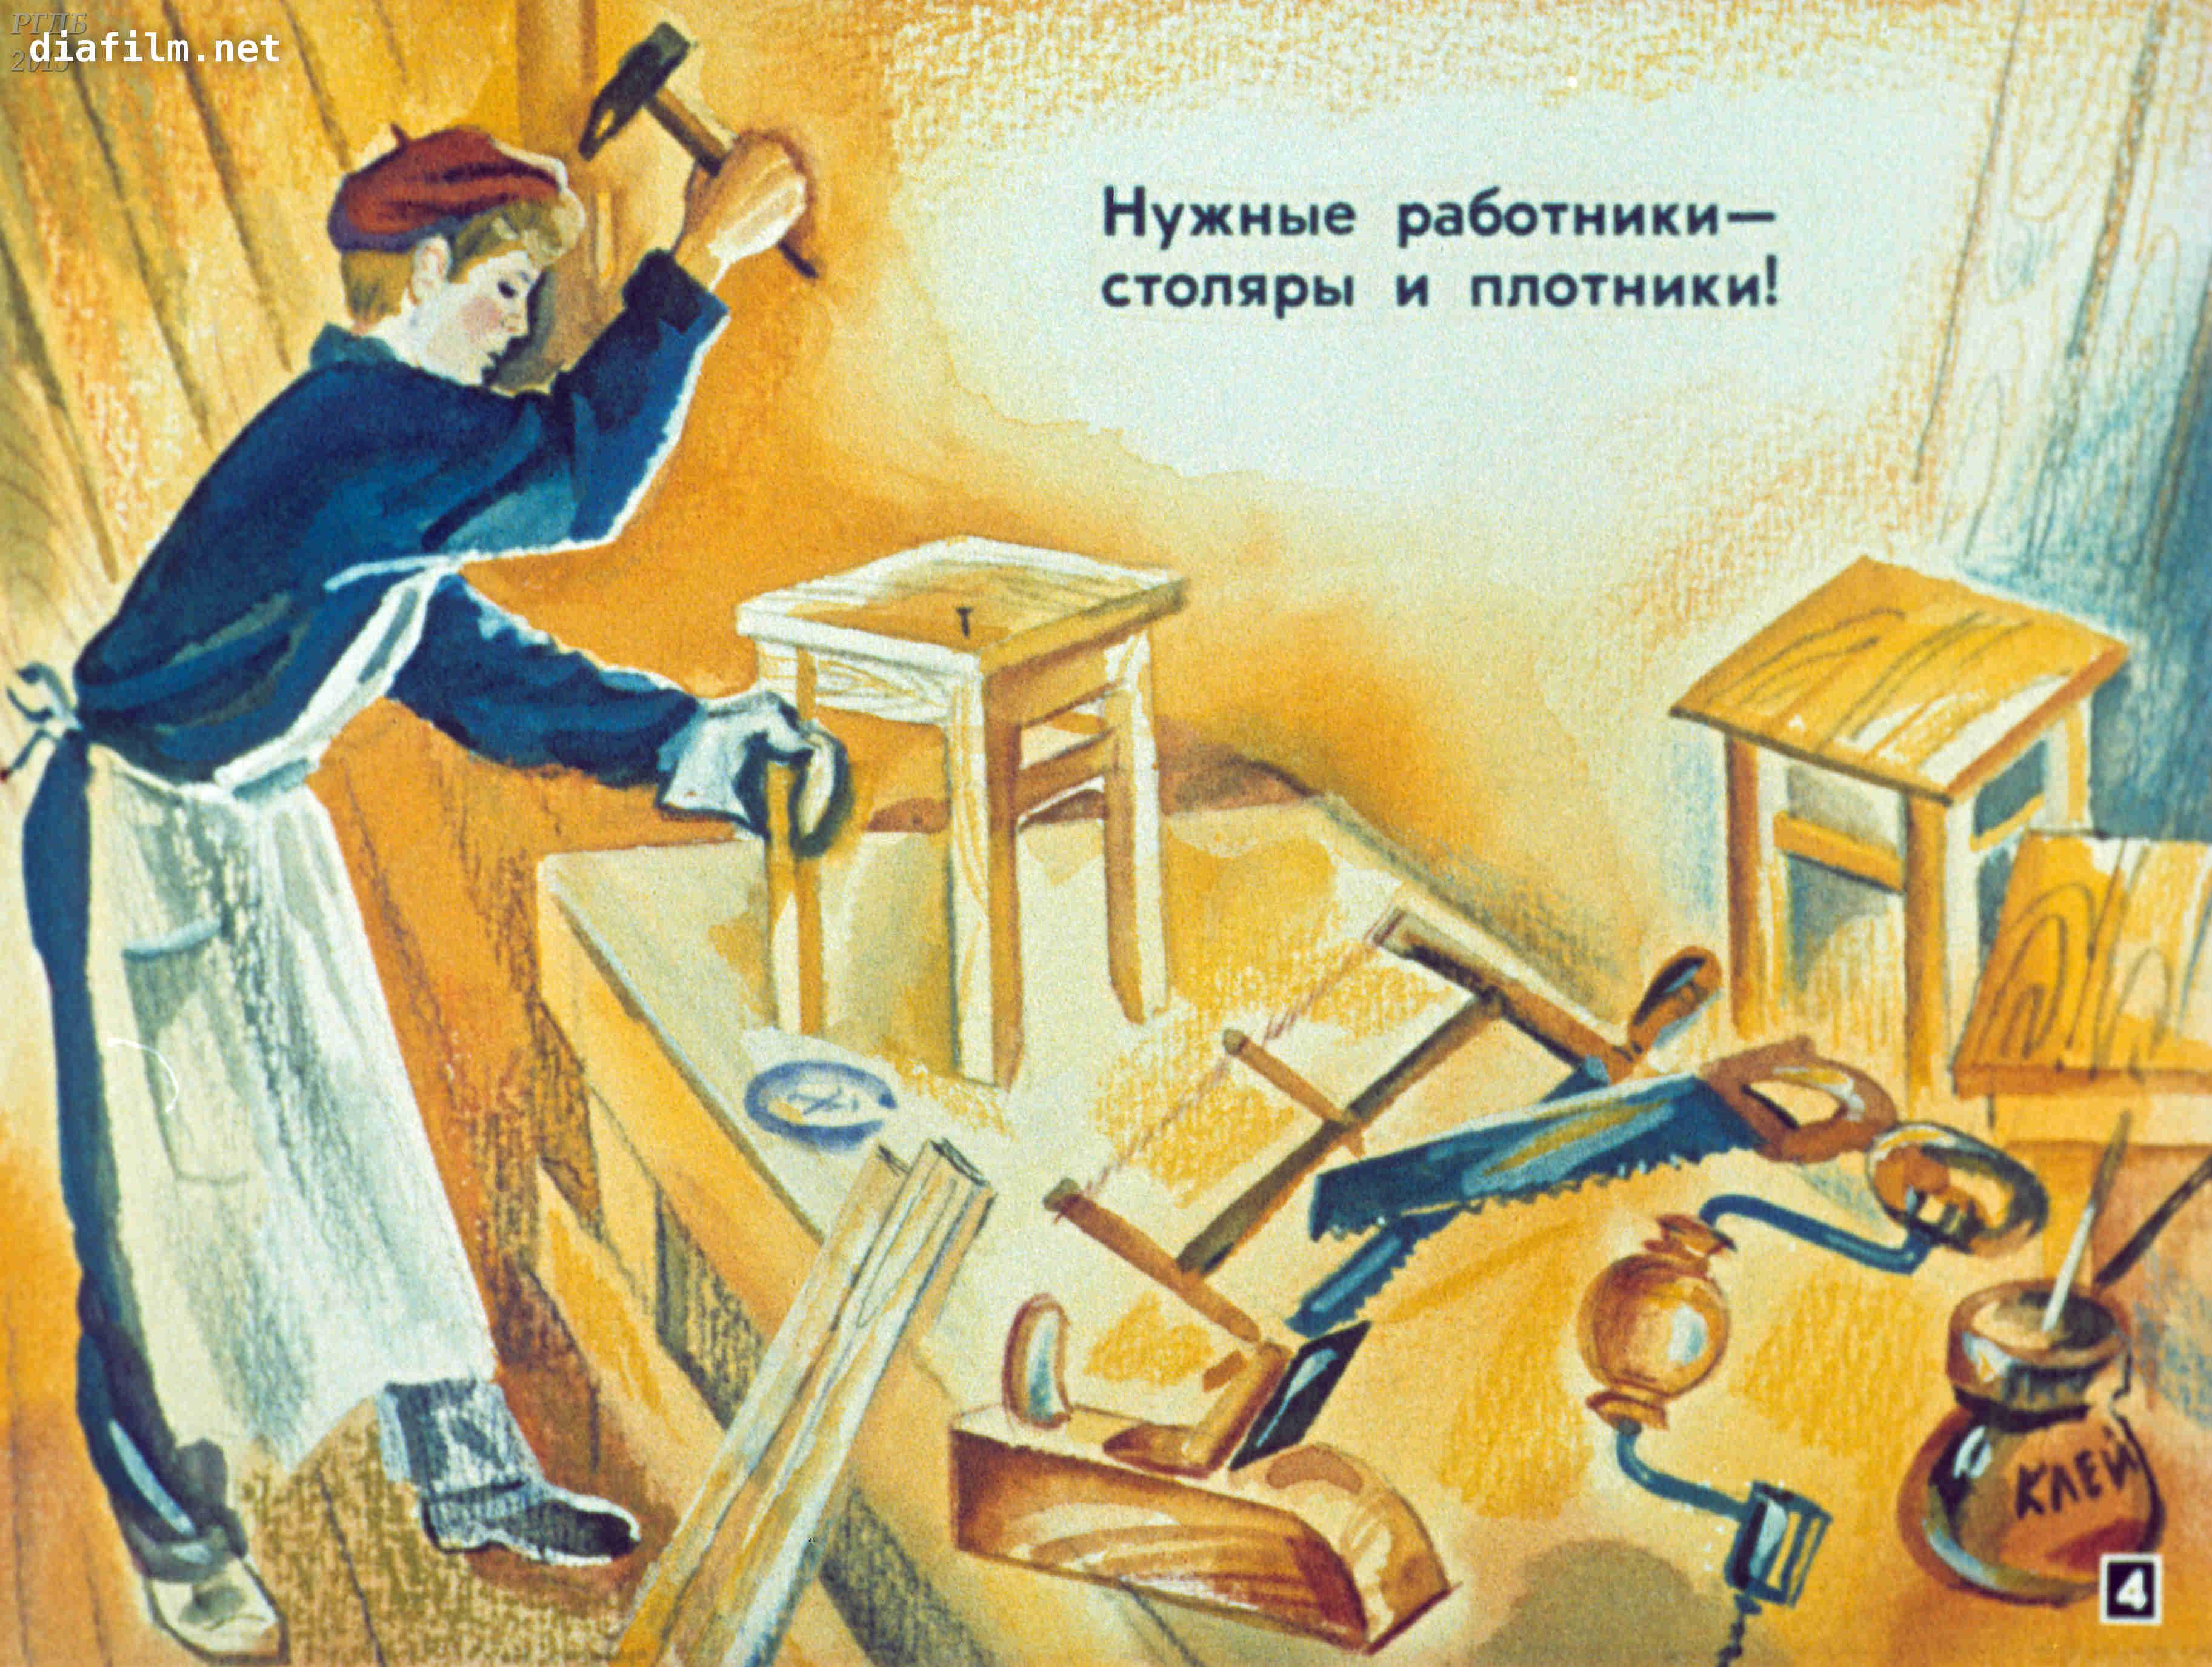 Картинка плотник в детском саду для детей